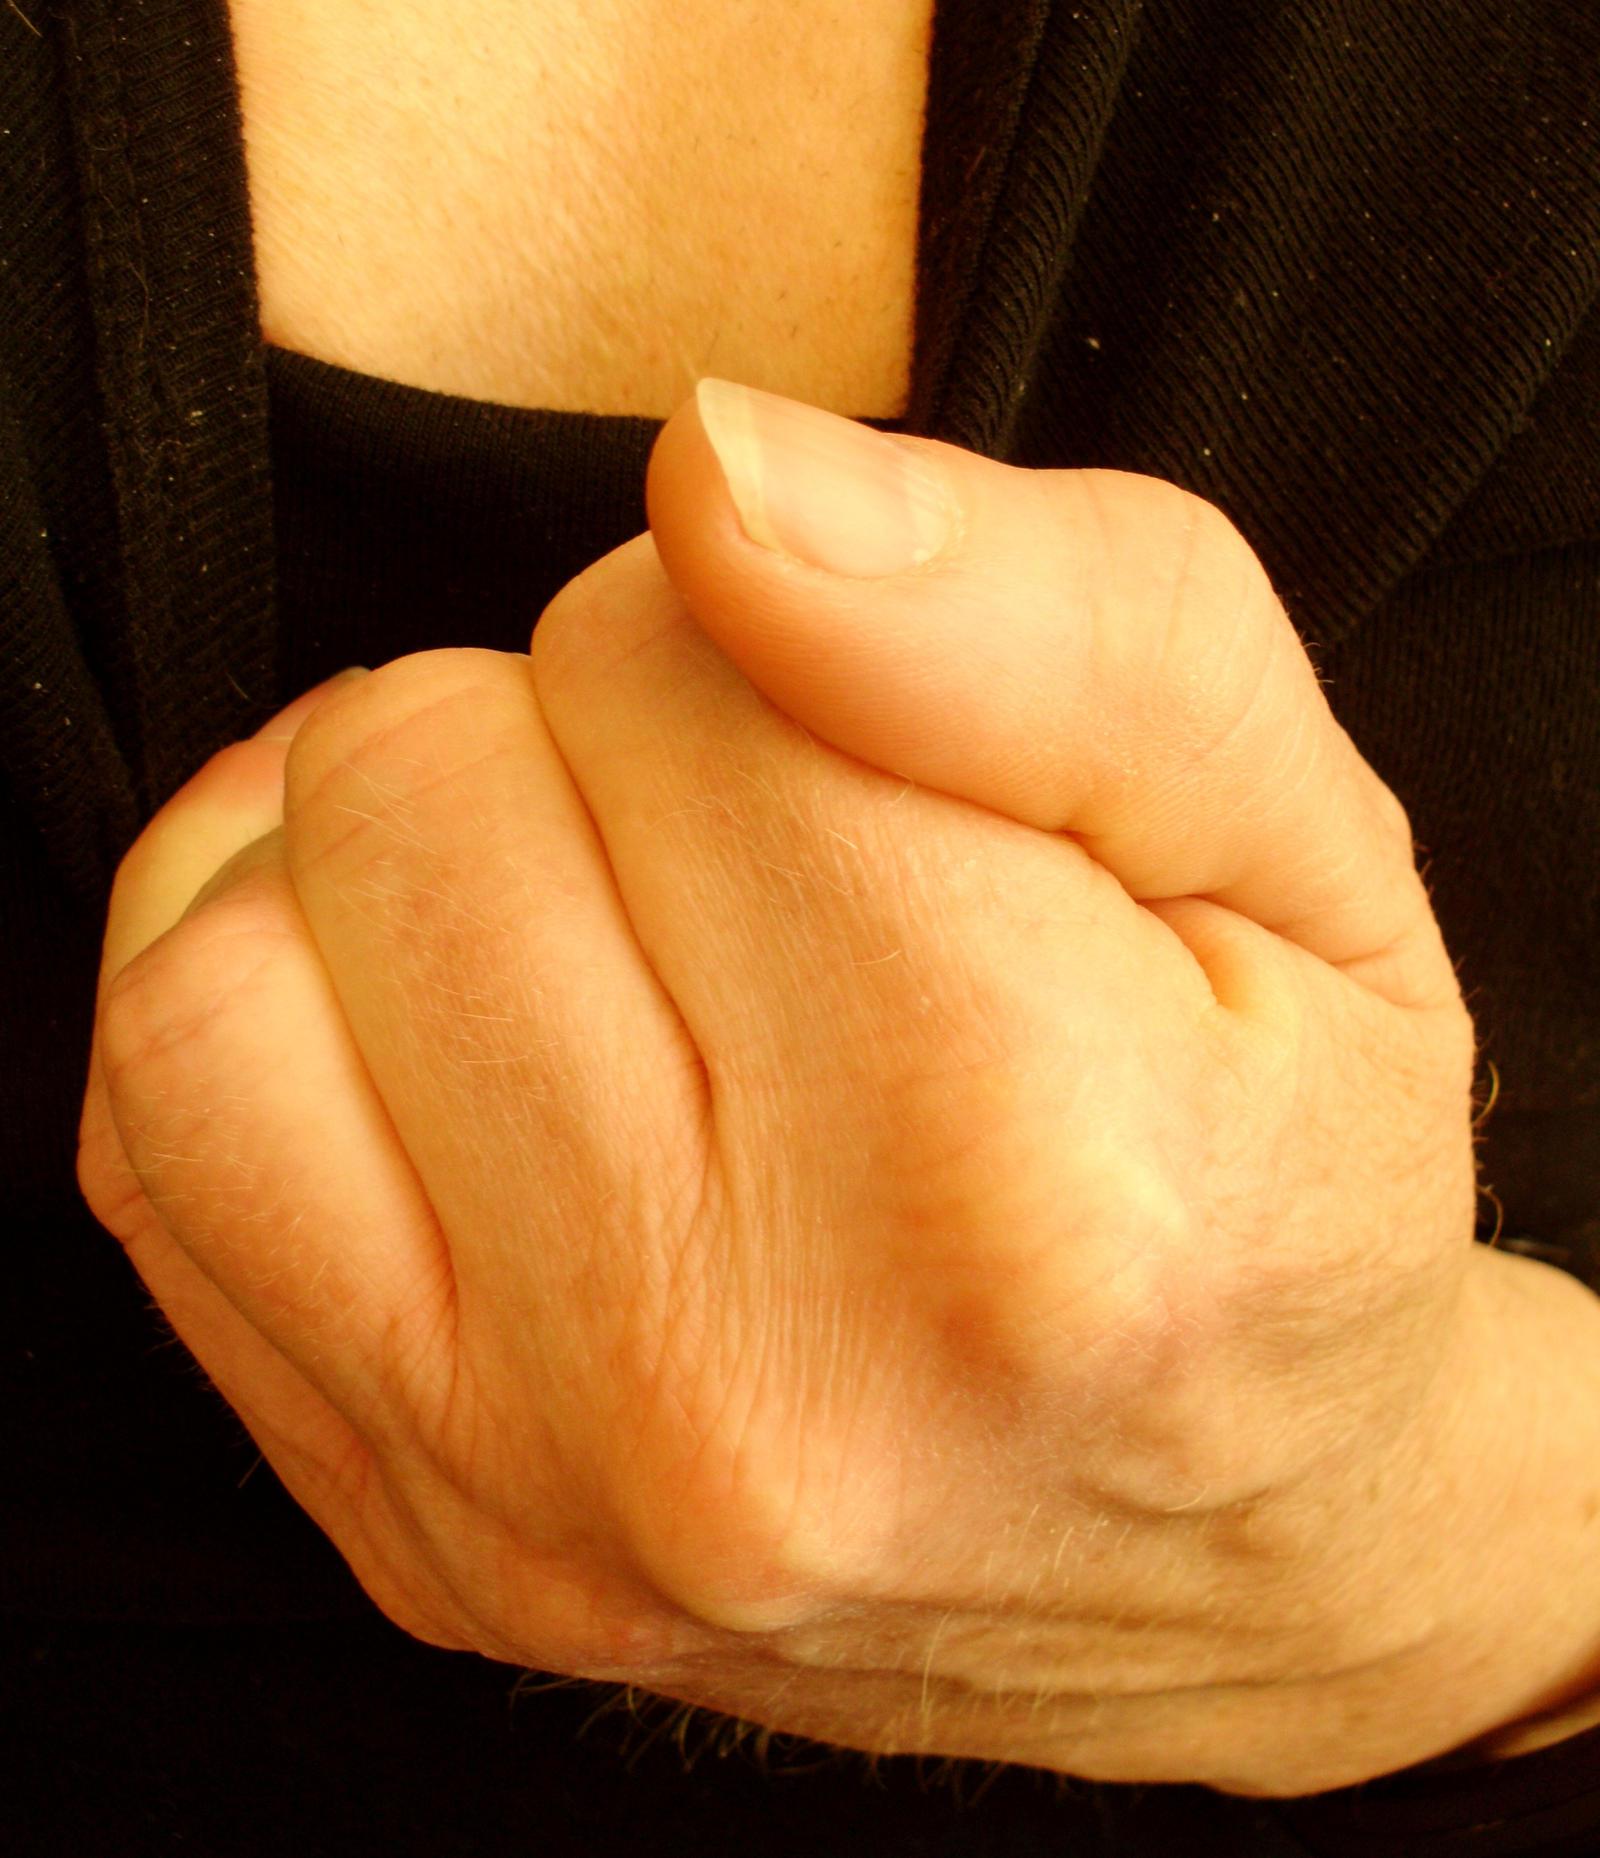 grip by Mittelfranke